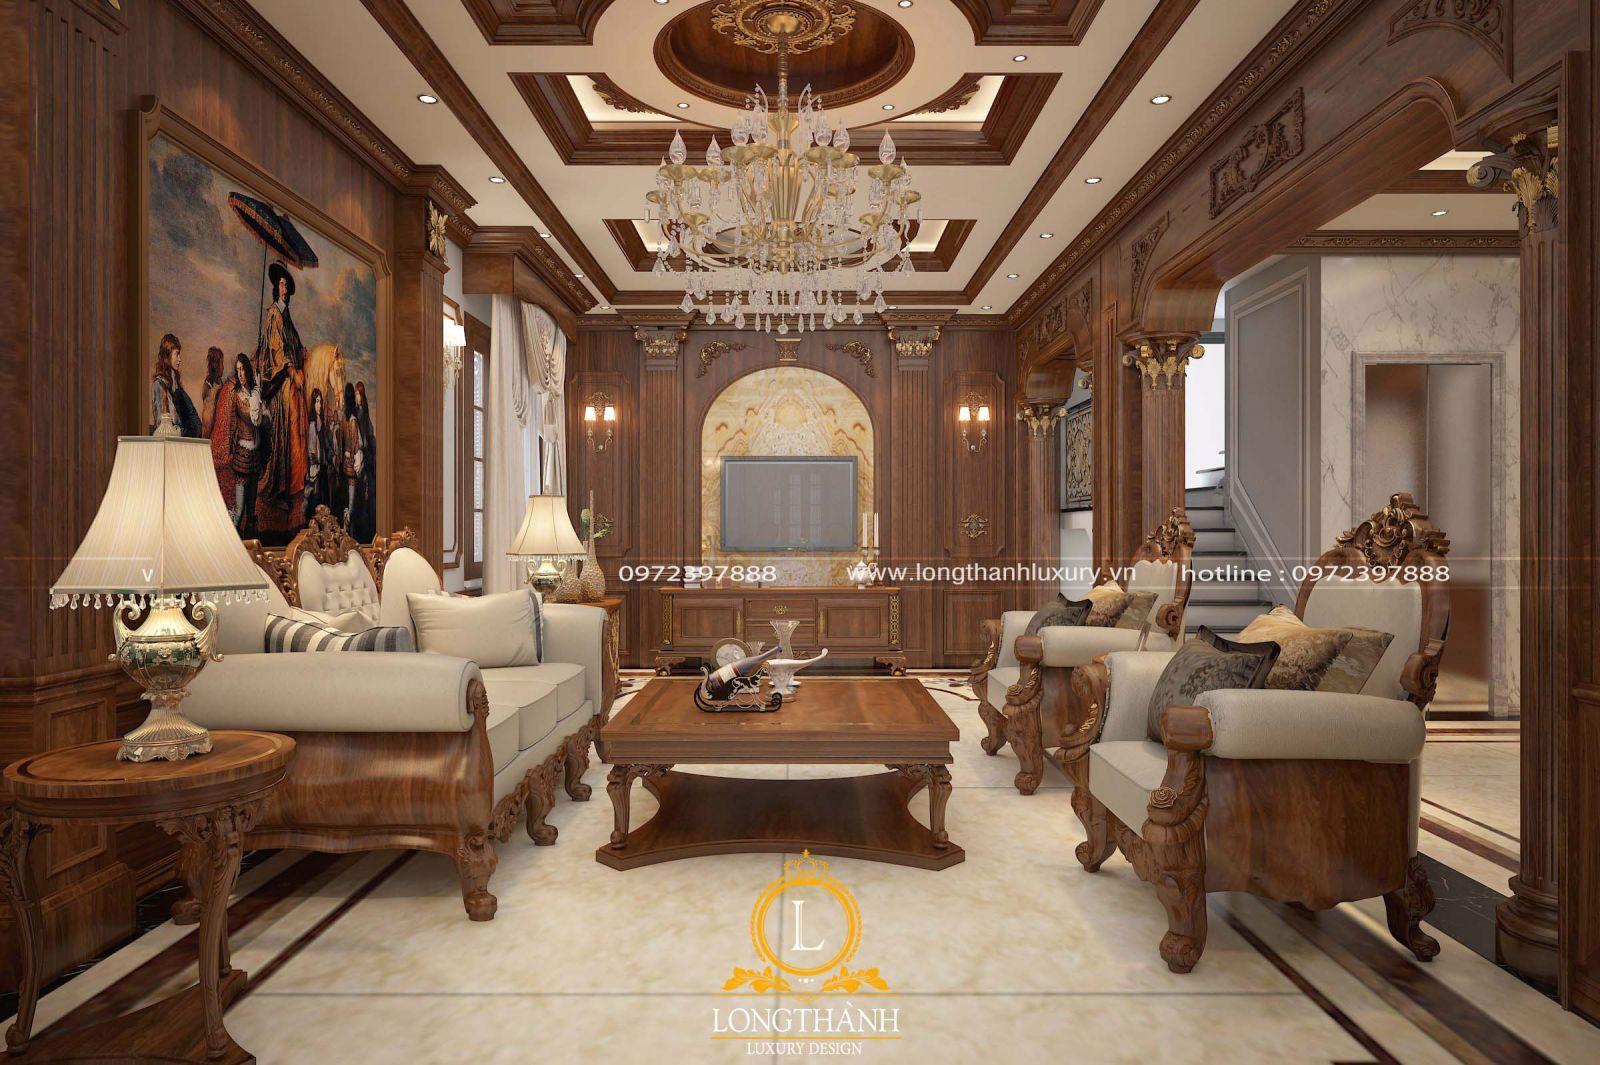 Thiết kế nội thất nhà biệt thự mini theo phong cách tân cổ điển